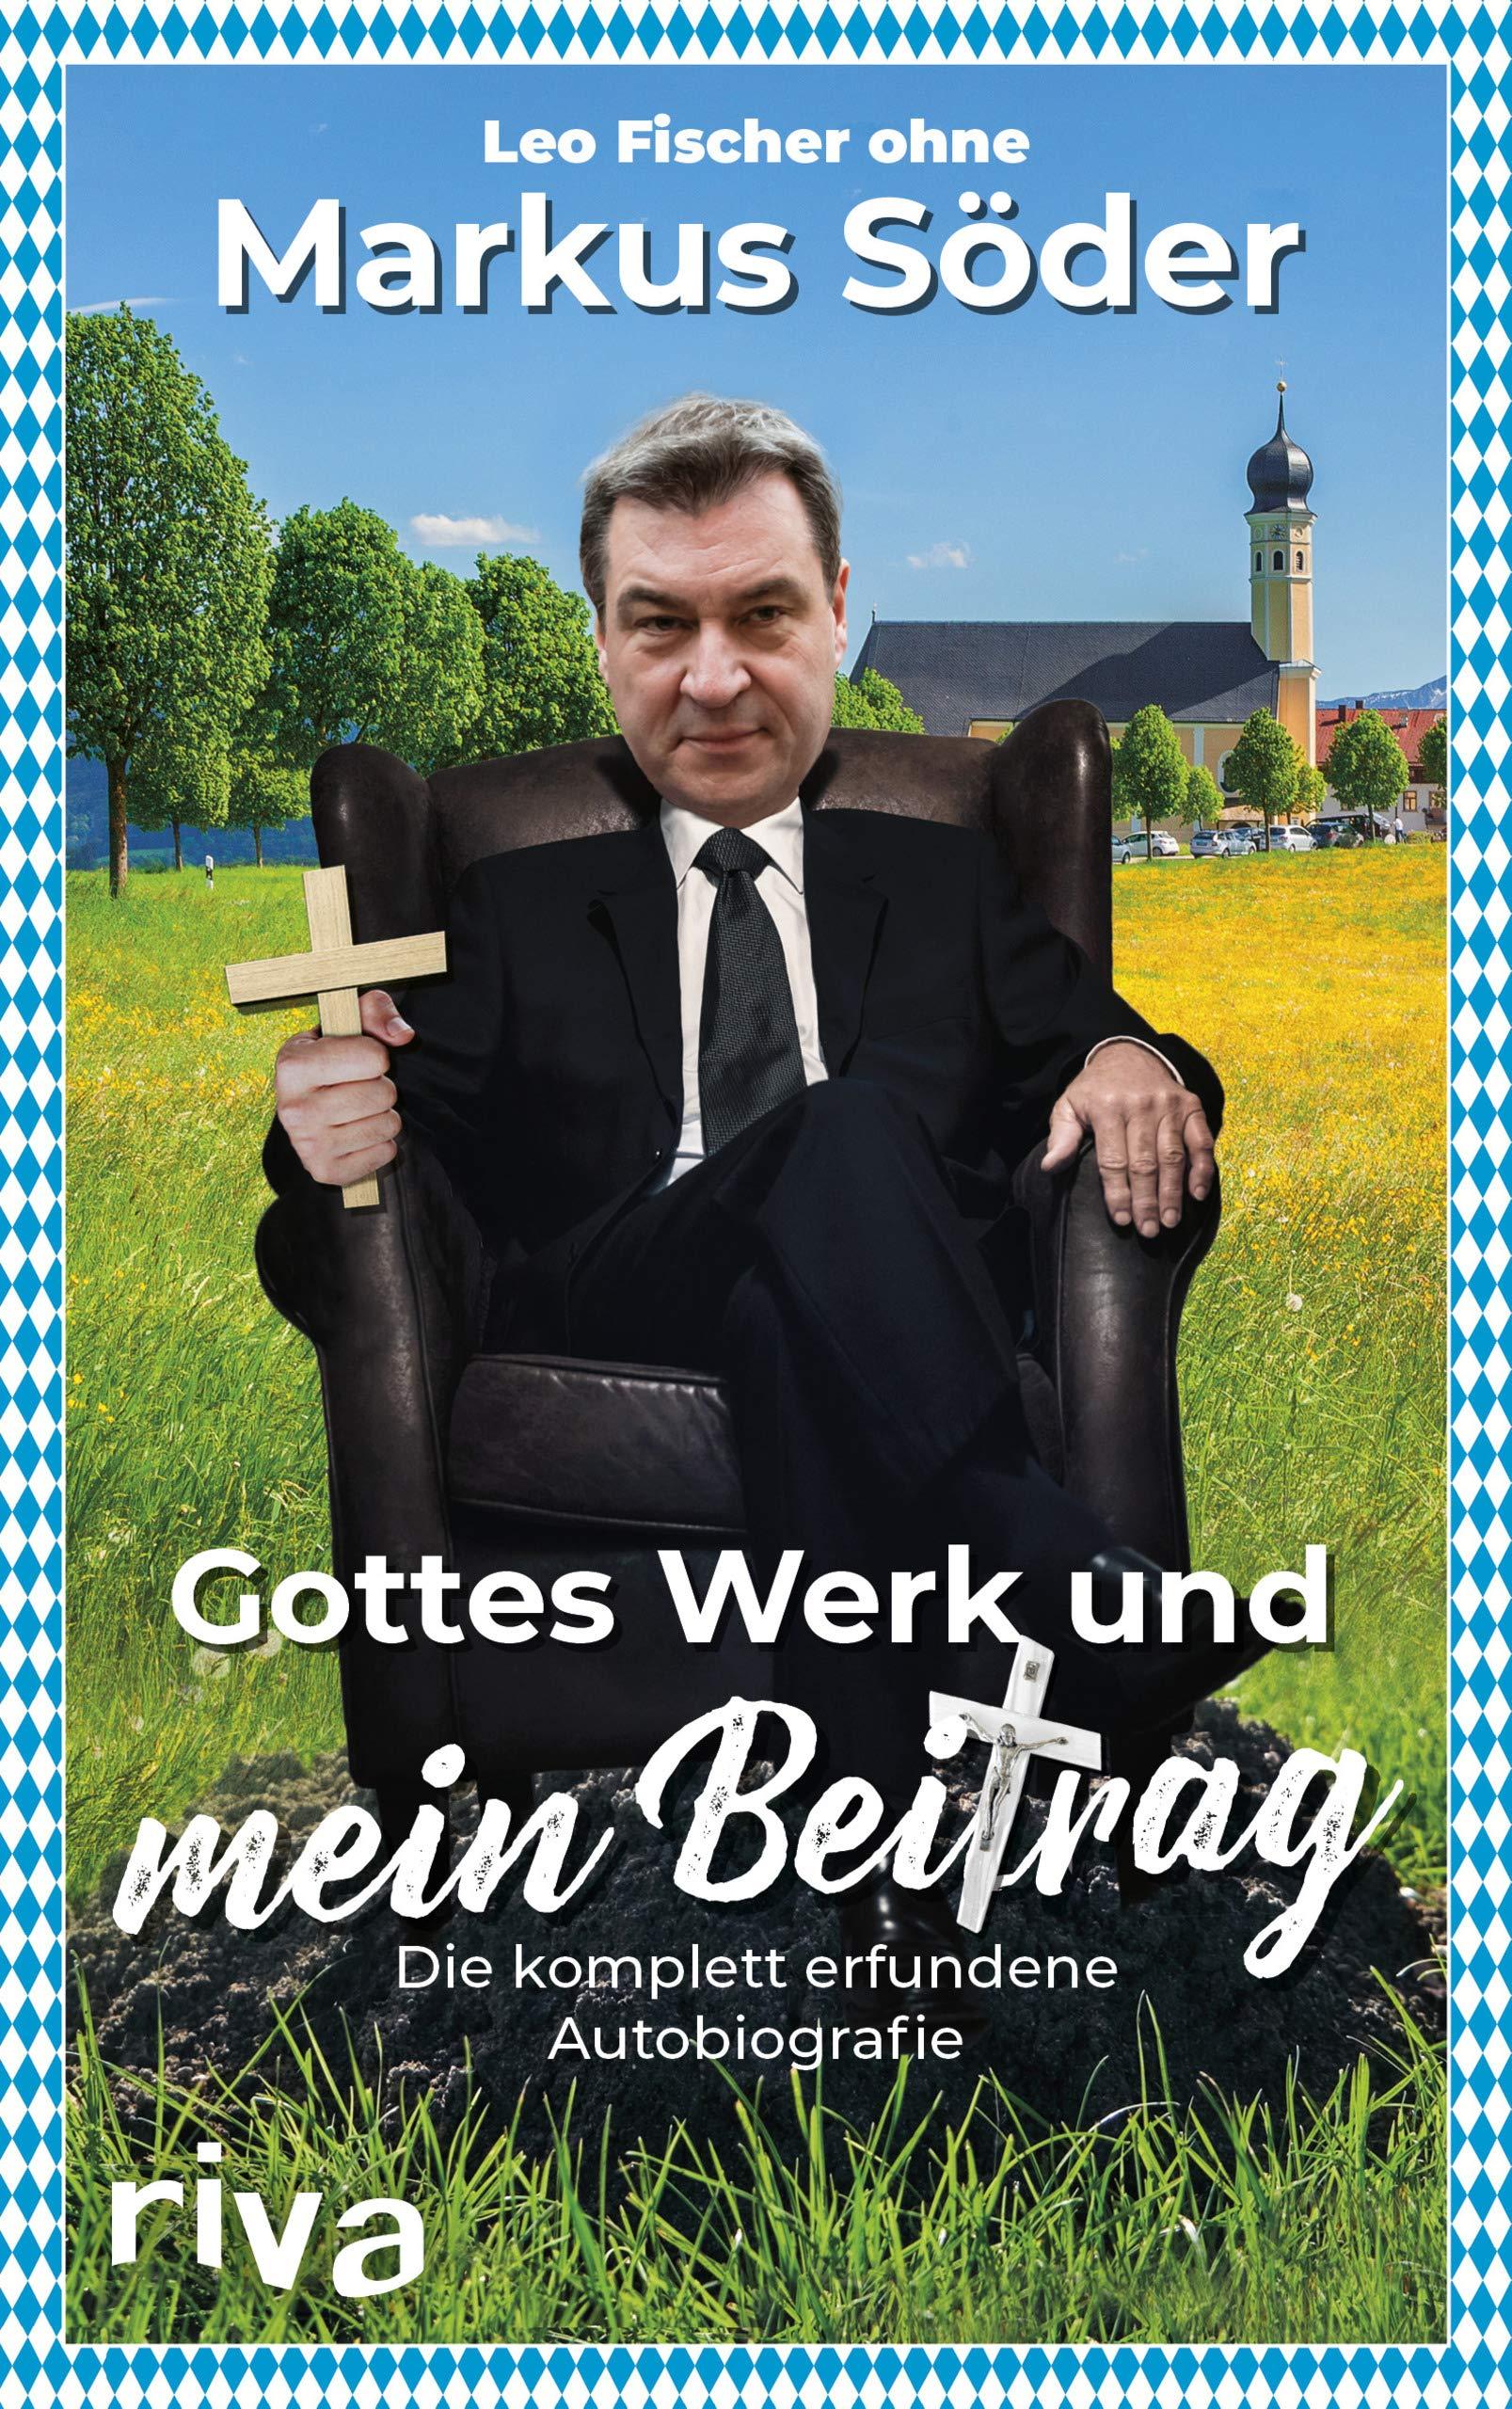 Gottes Werk und mein Beitrag: Die komplett erfundene Autobiografie des Markus Söder Gebundenes Buch – 10. September 2018 Leo Fischer Riva 3742308122 Politik